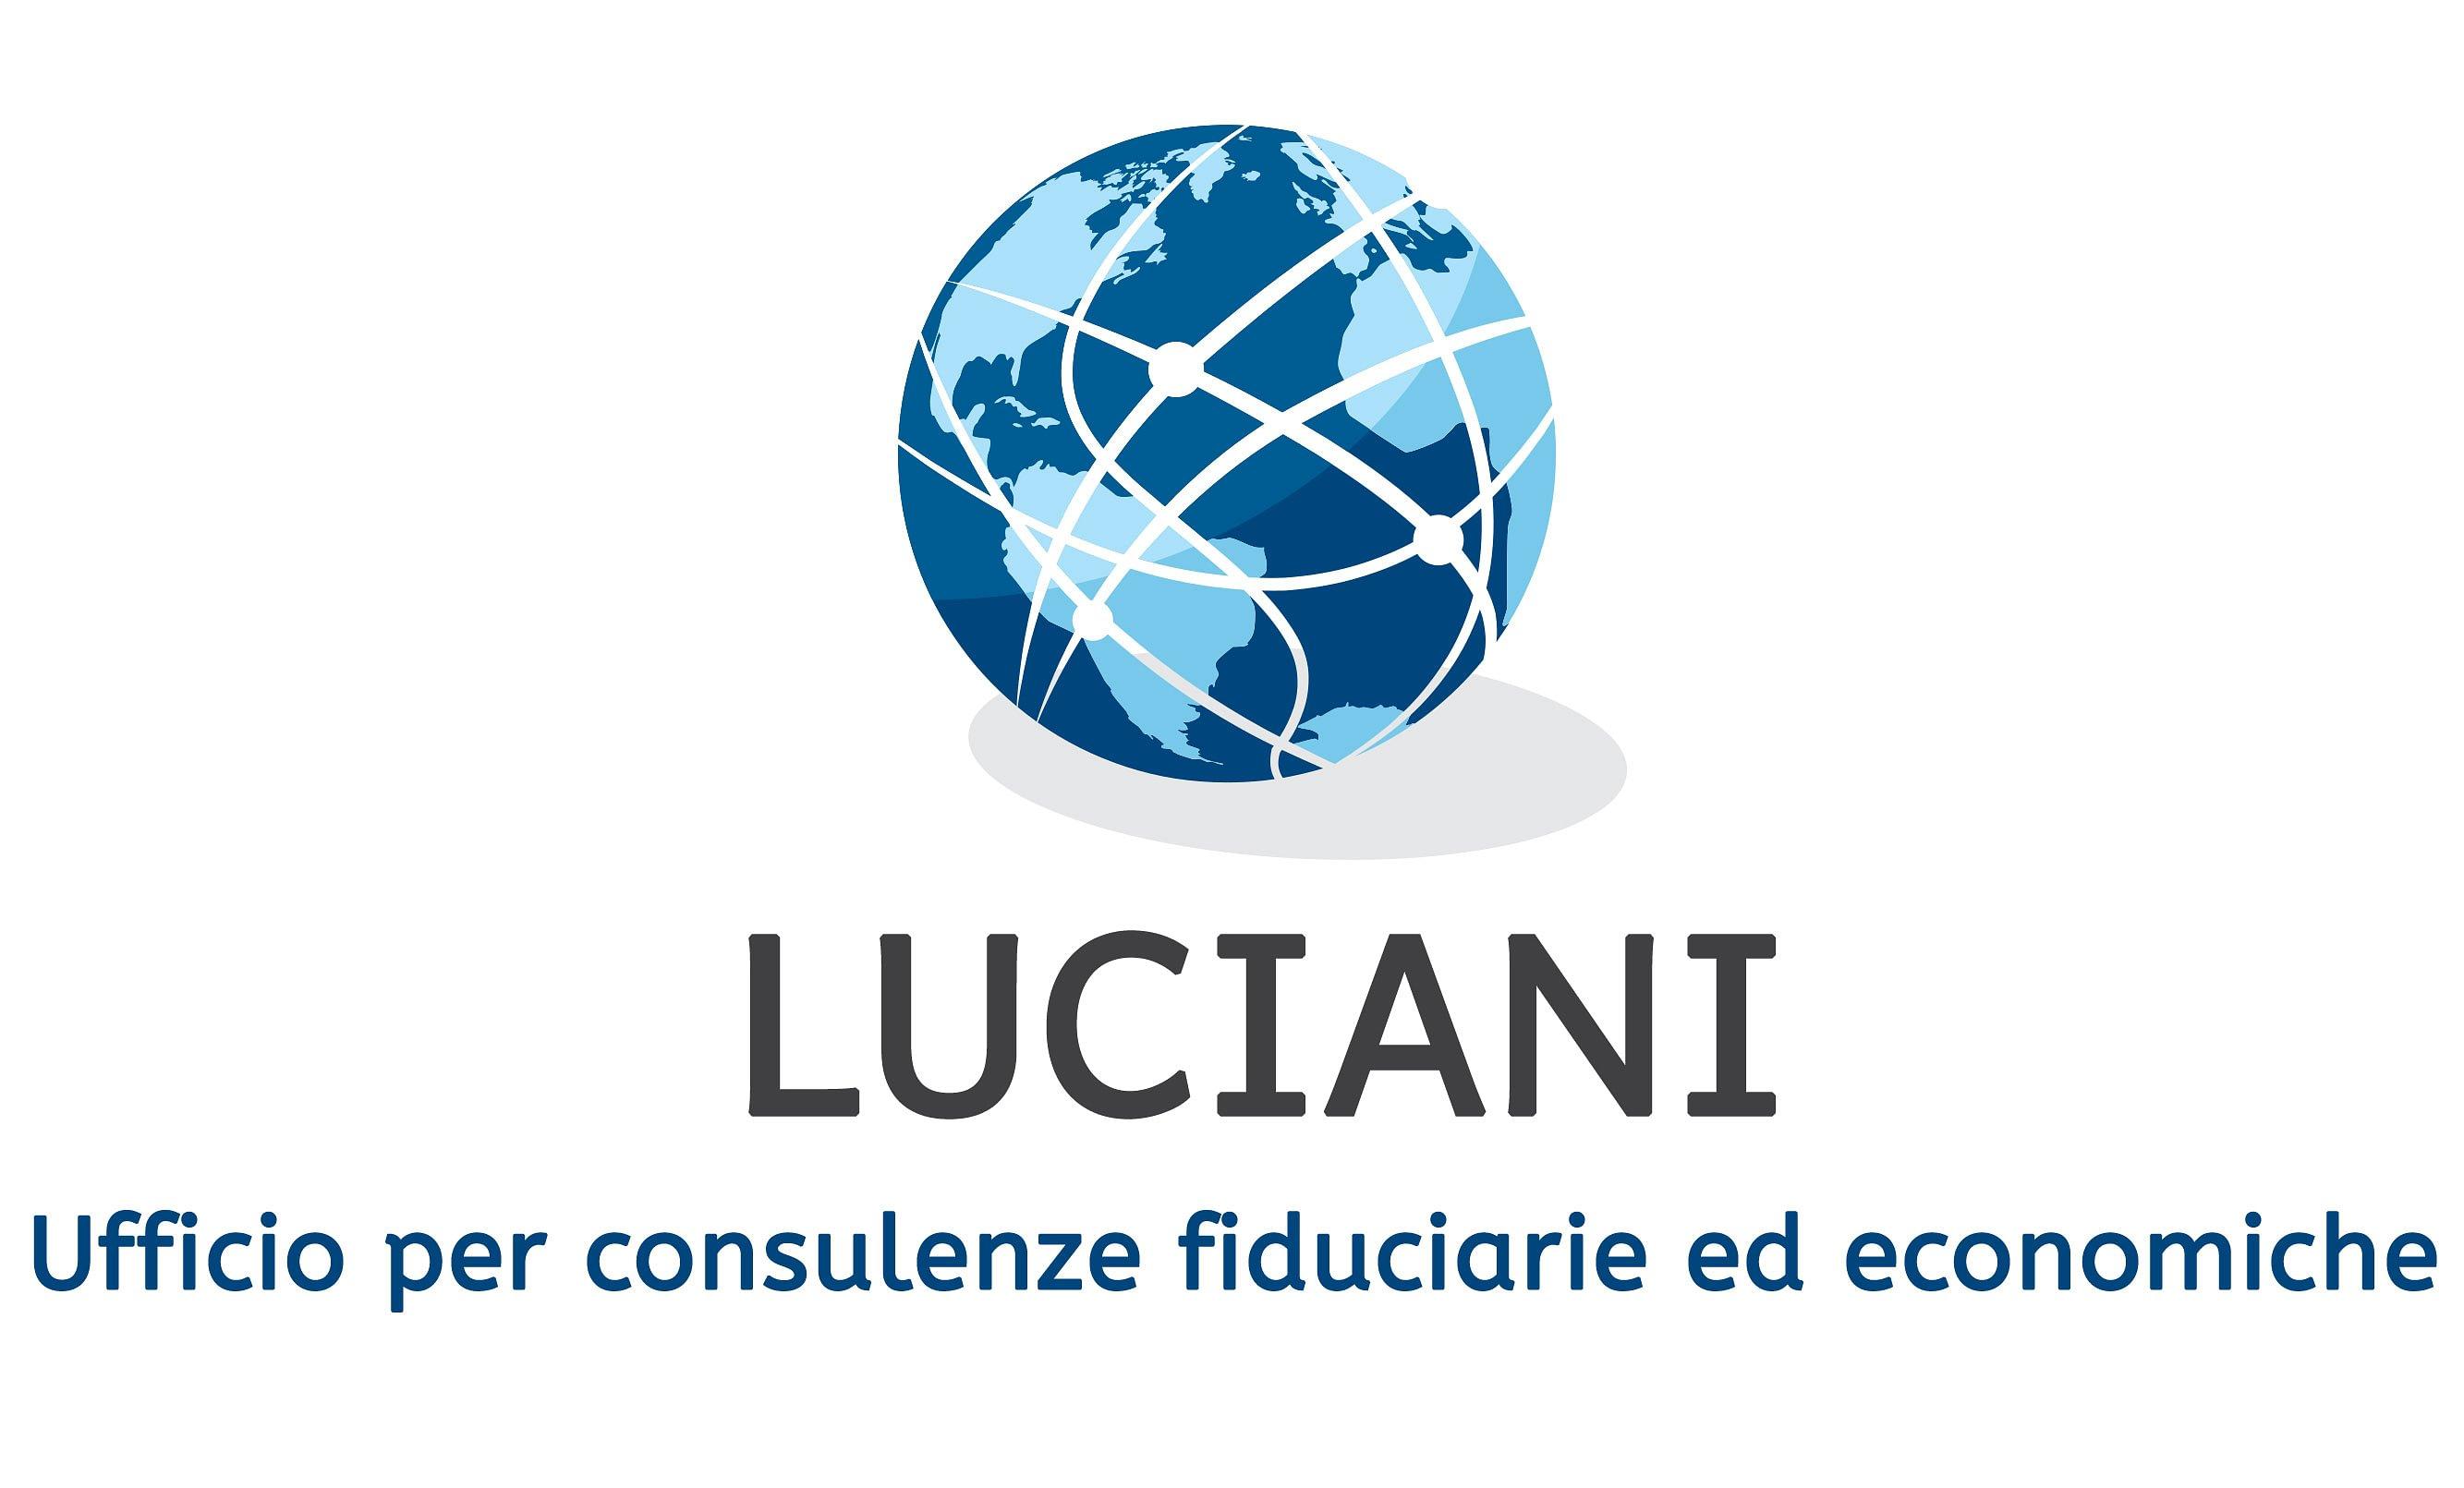 LUCIANI - Ufficio per consulenze fiduciarie ed economiche